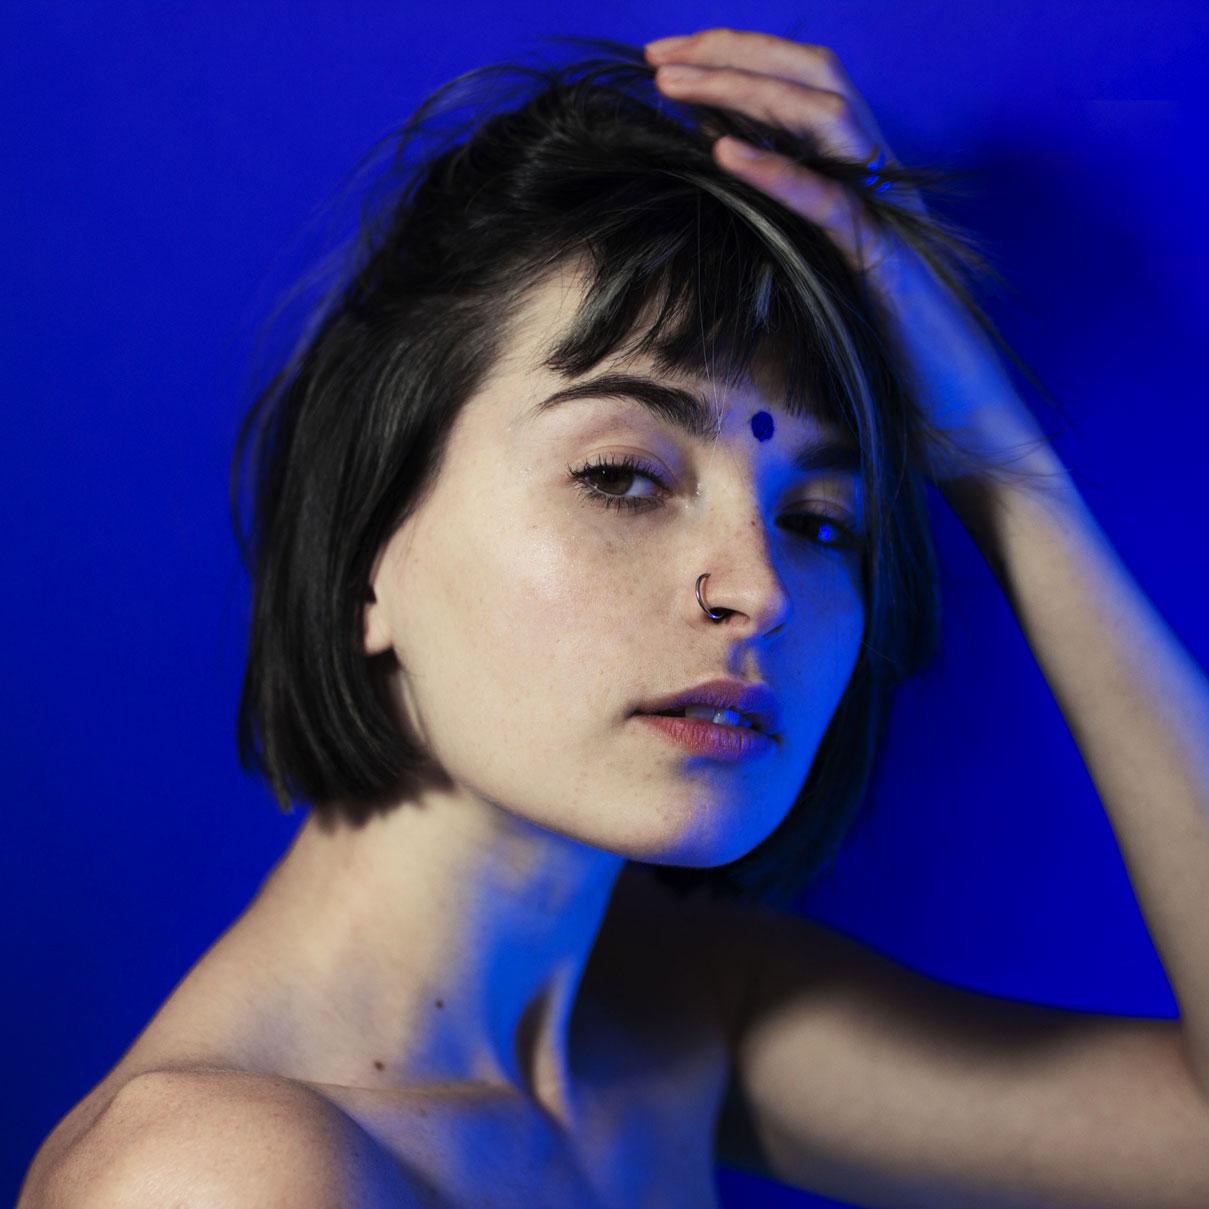 jeune femme portant un bindi bleu, sur fond bleu et éclairée par des néons bleus.